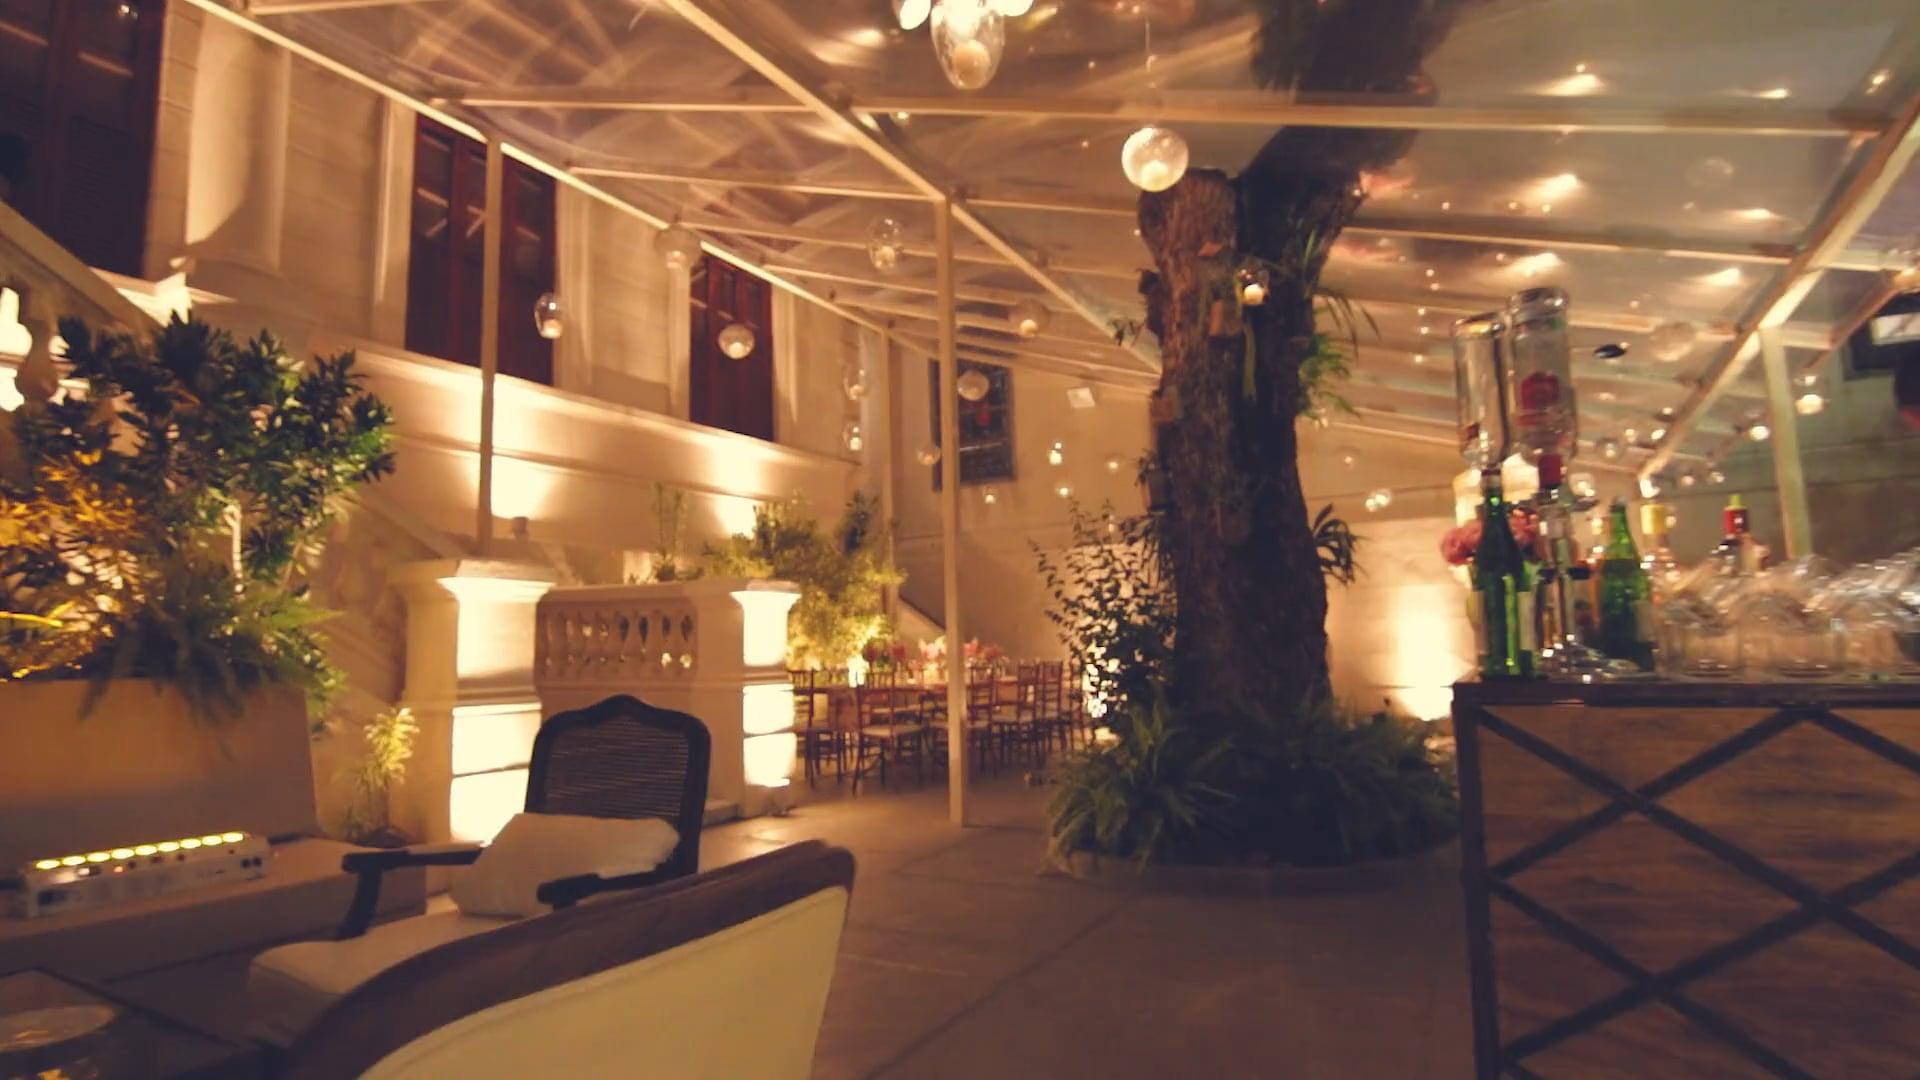 I Do -  Assessoria, Cerimonial & Decoração